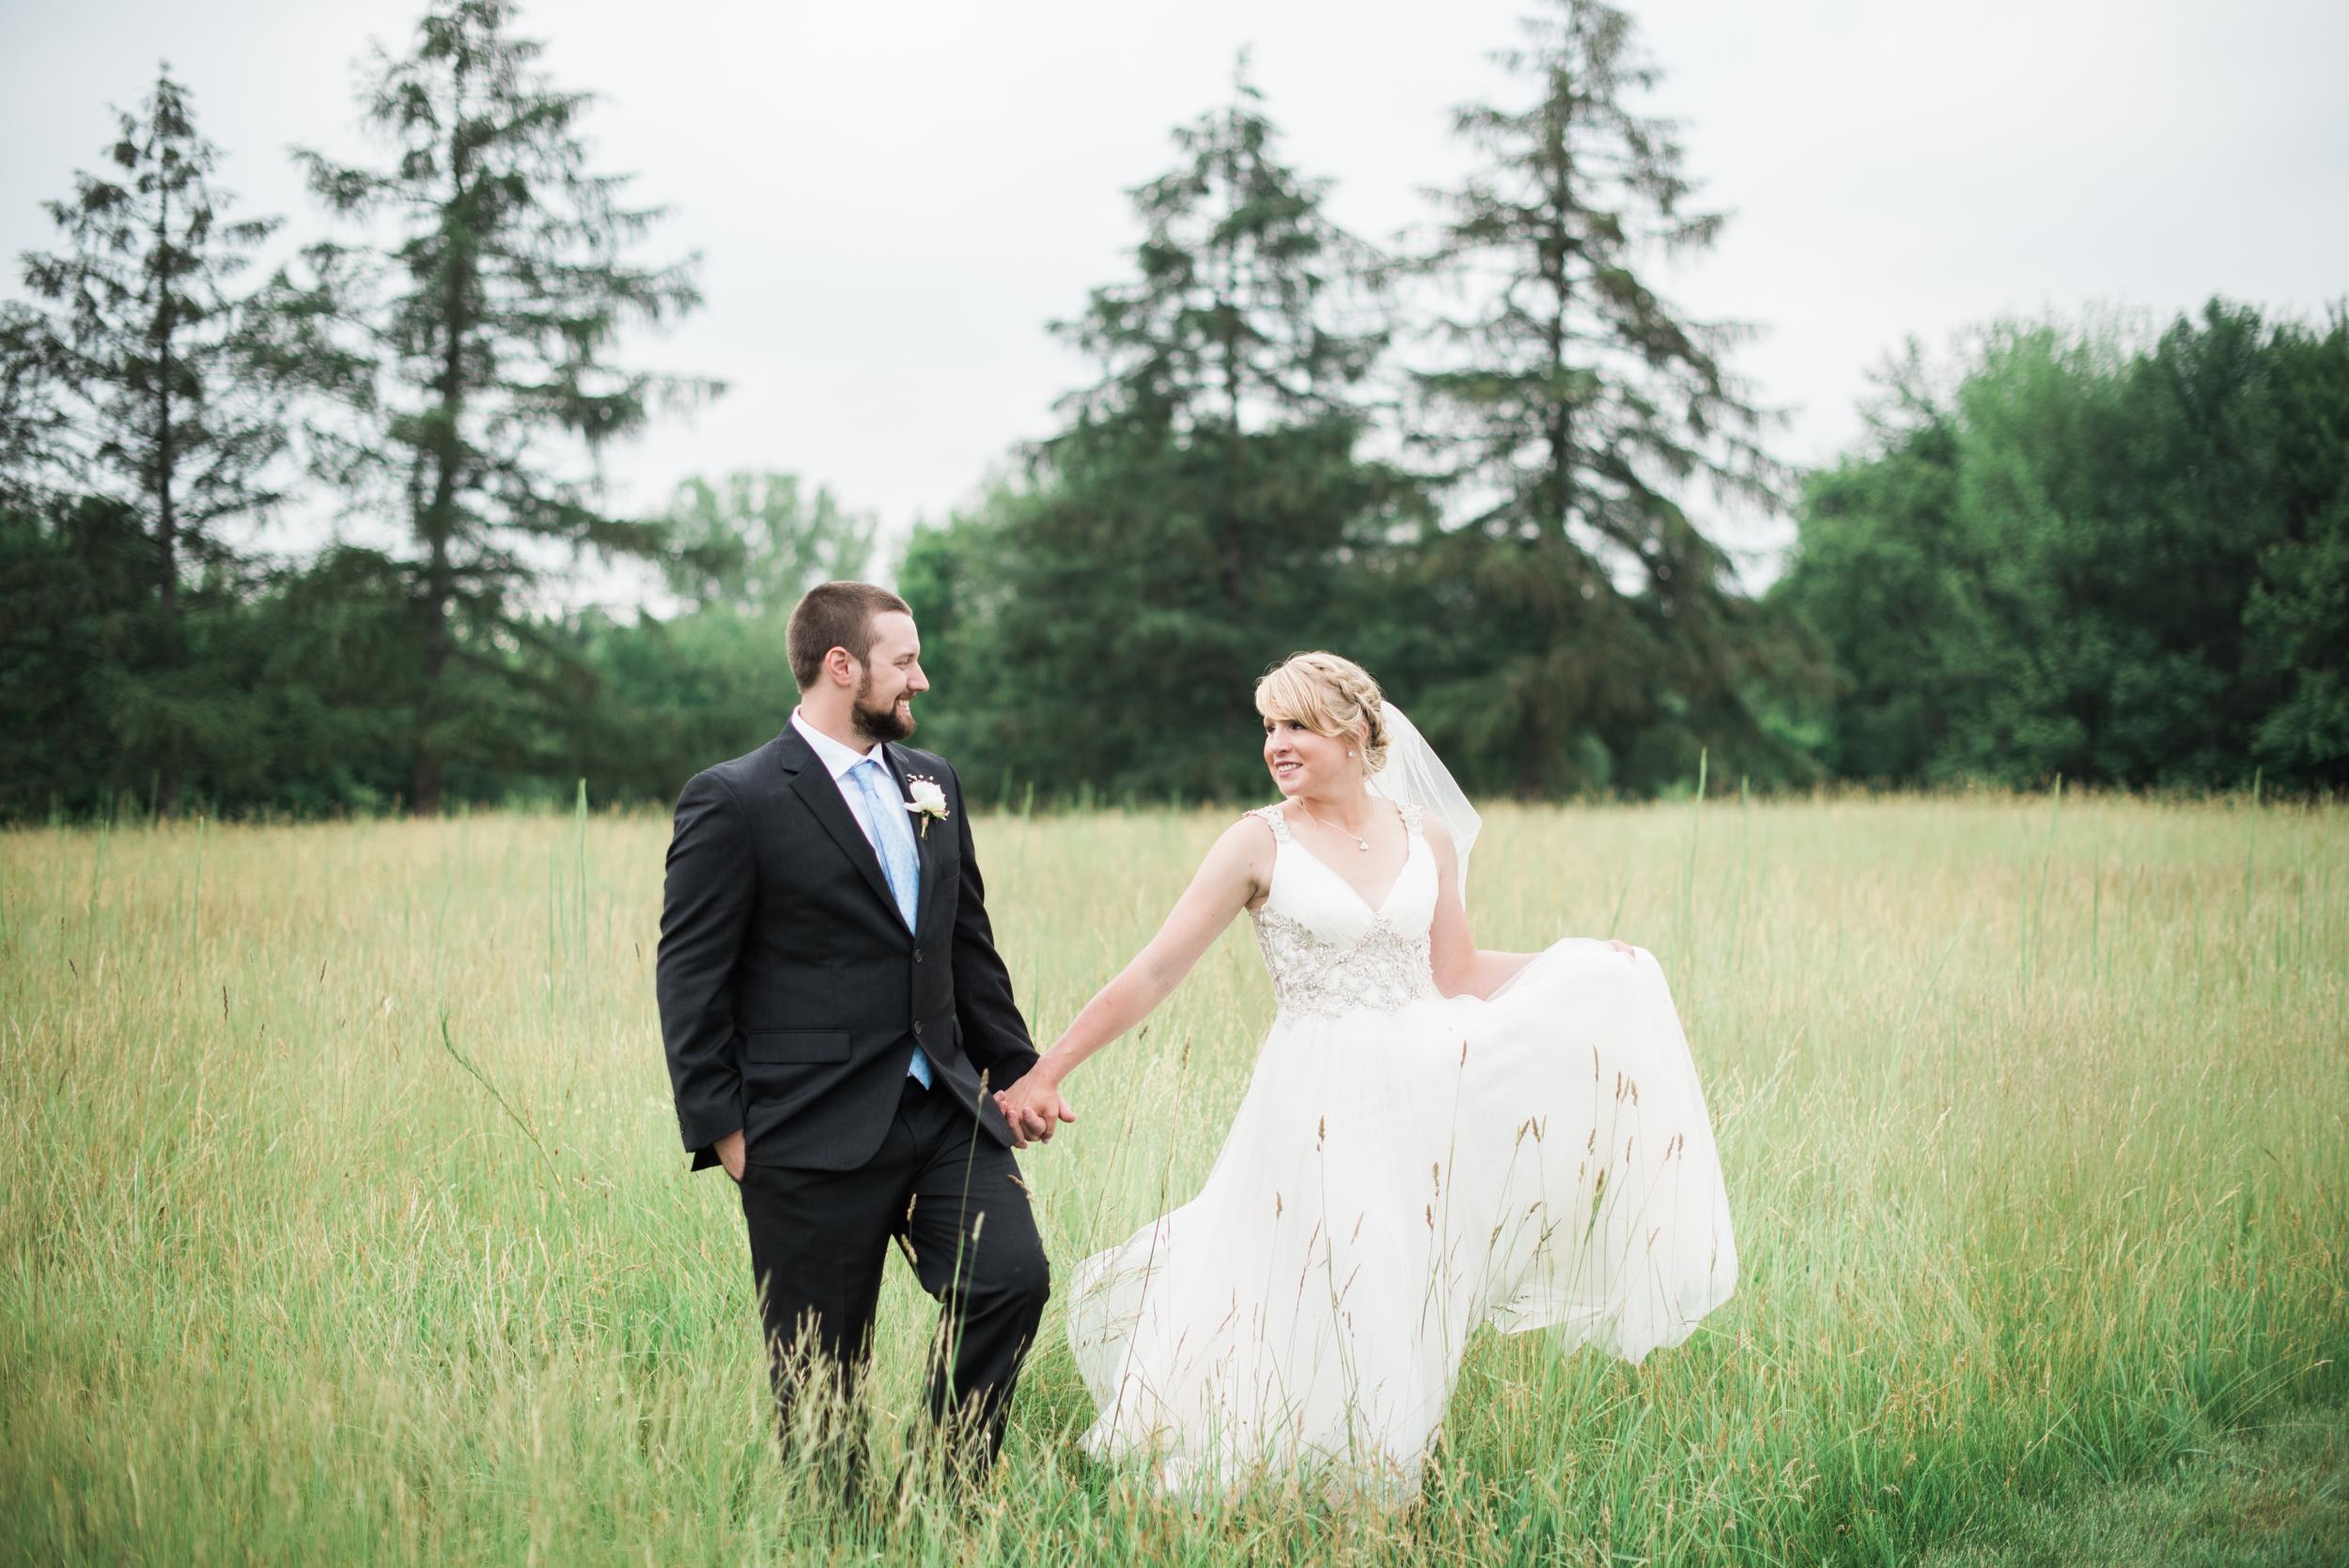 Fine art weddings in New England